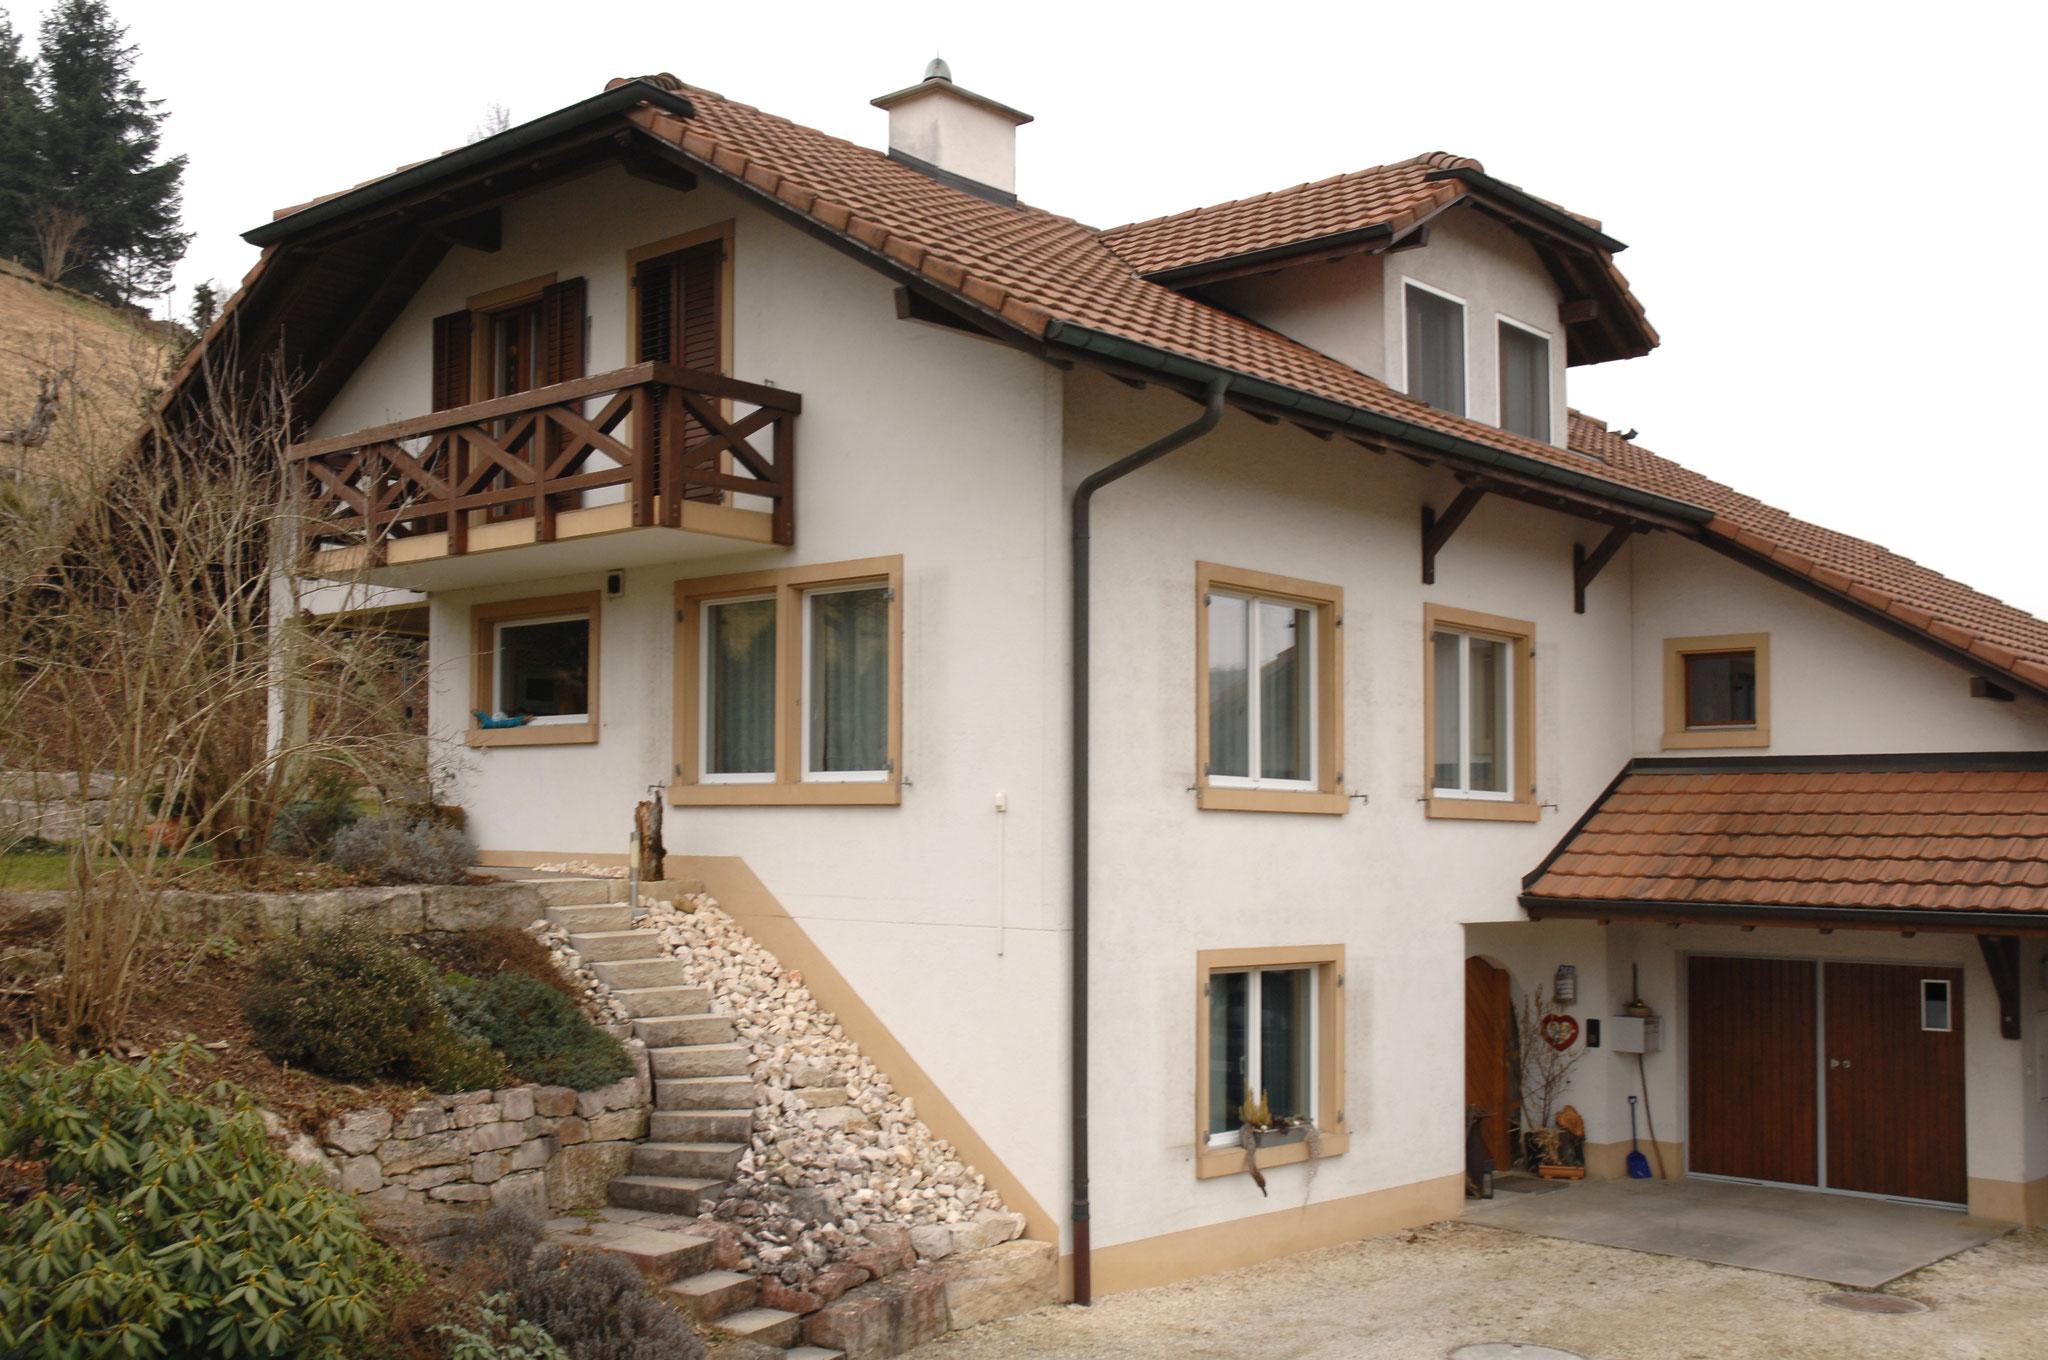 Fassade vor der Renovation